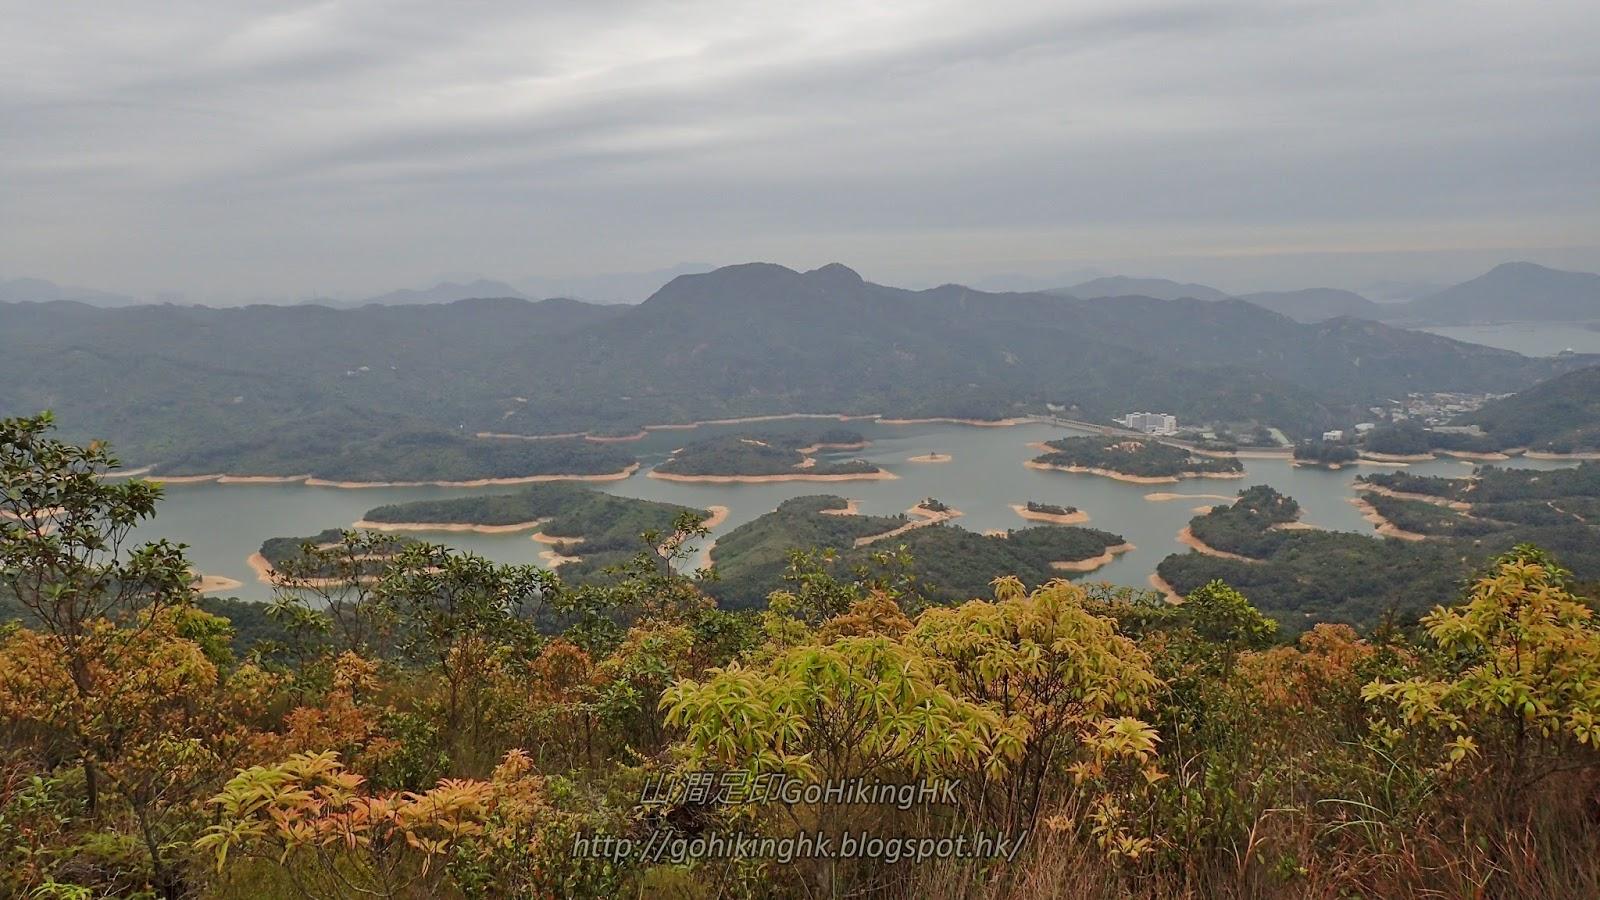 香港山澗足印 GoHikingHK: 公庵山 千島湖 黃金海岸